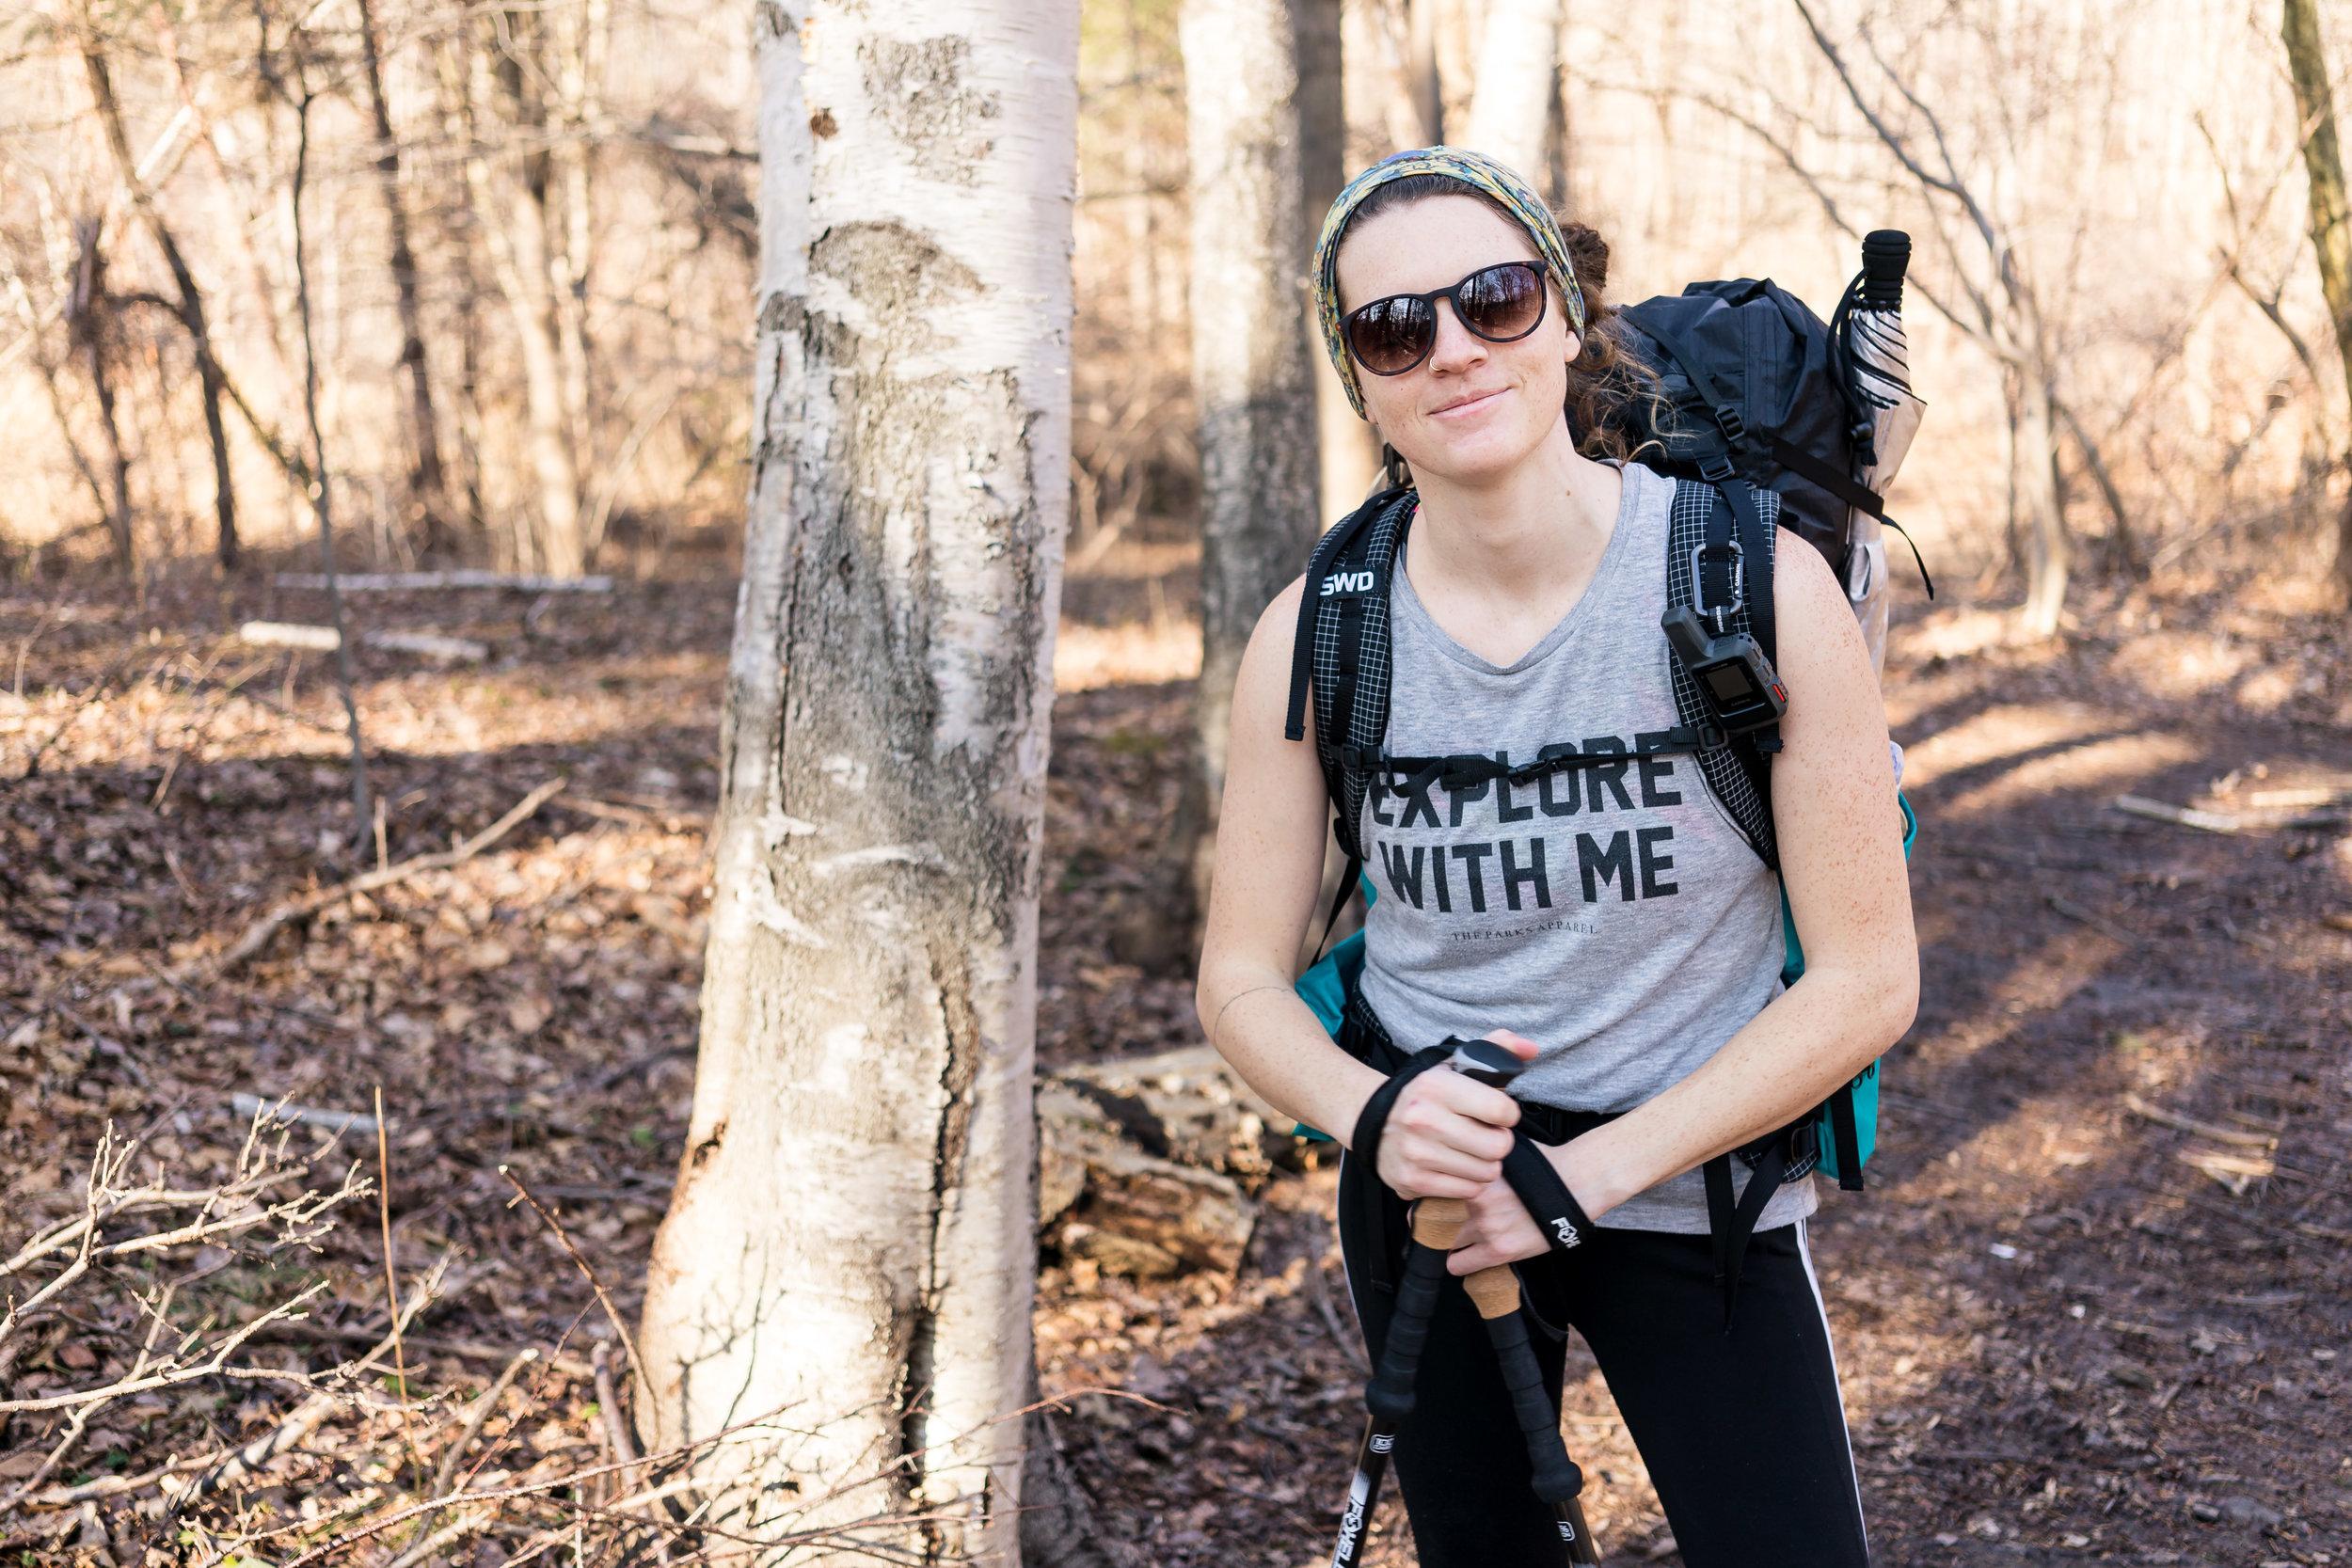 Woman-Hiking-In-TankTop